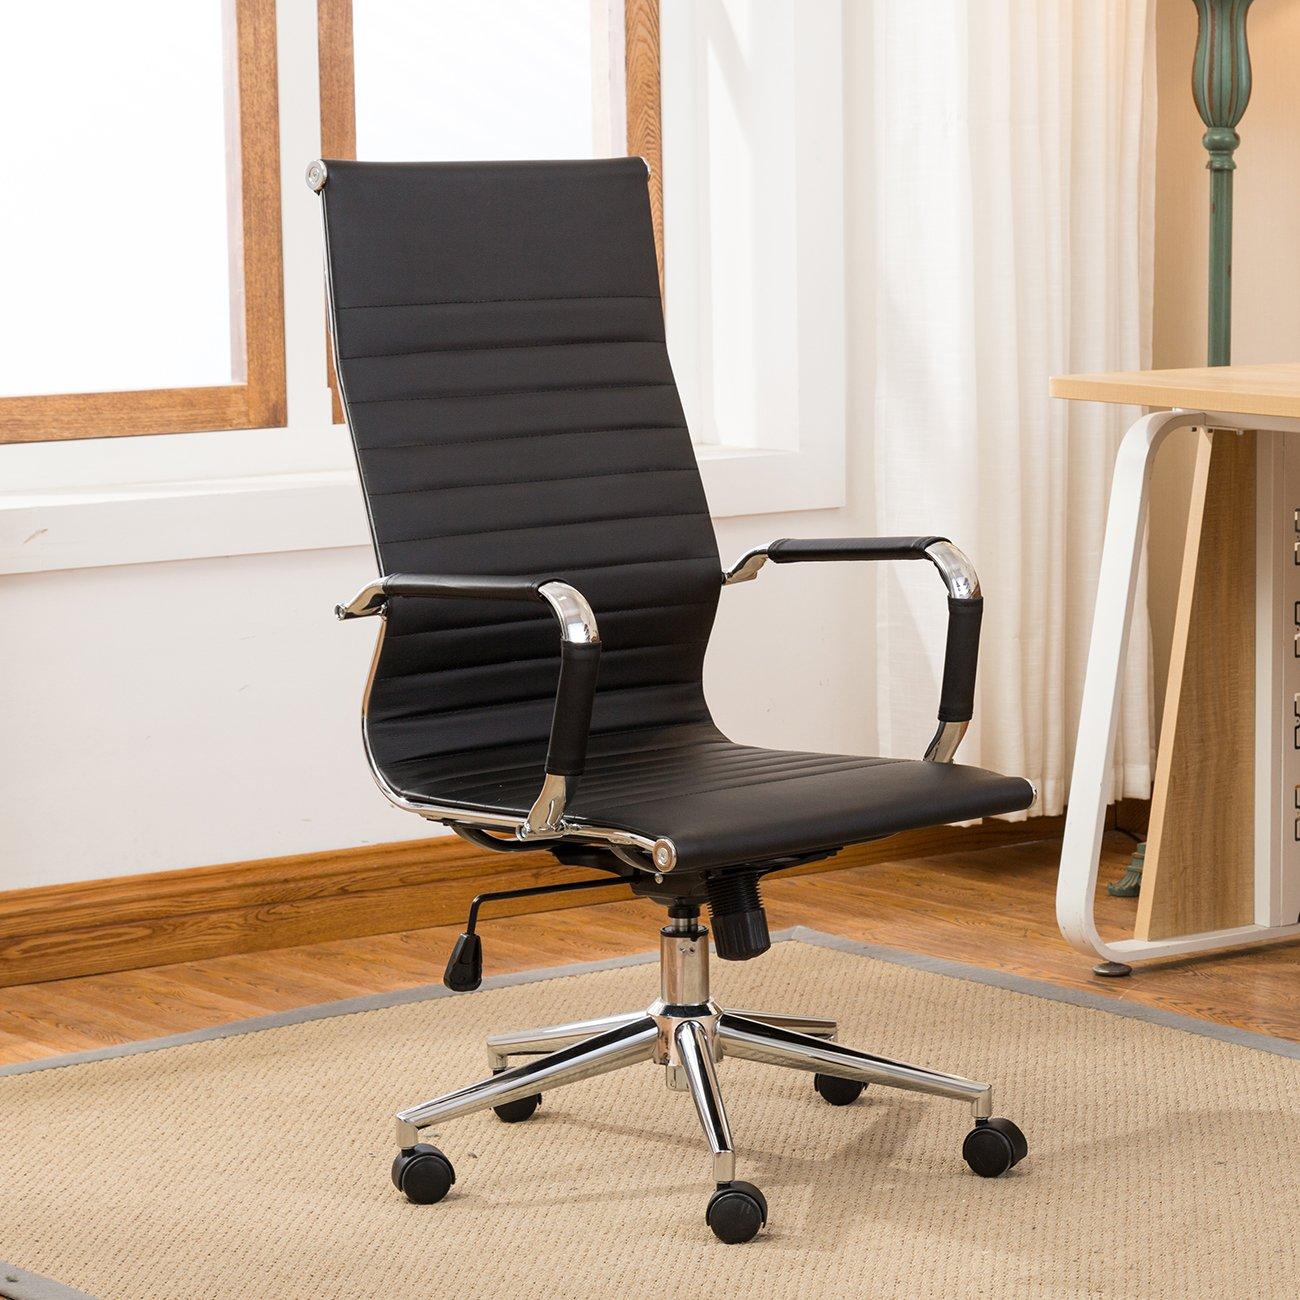 Belleze Modern High-Back Ribbed Leather Adjustable Height Tilt Swivel Upholstered Computer Conference Desk Office Chair, Black